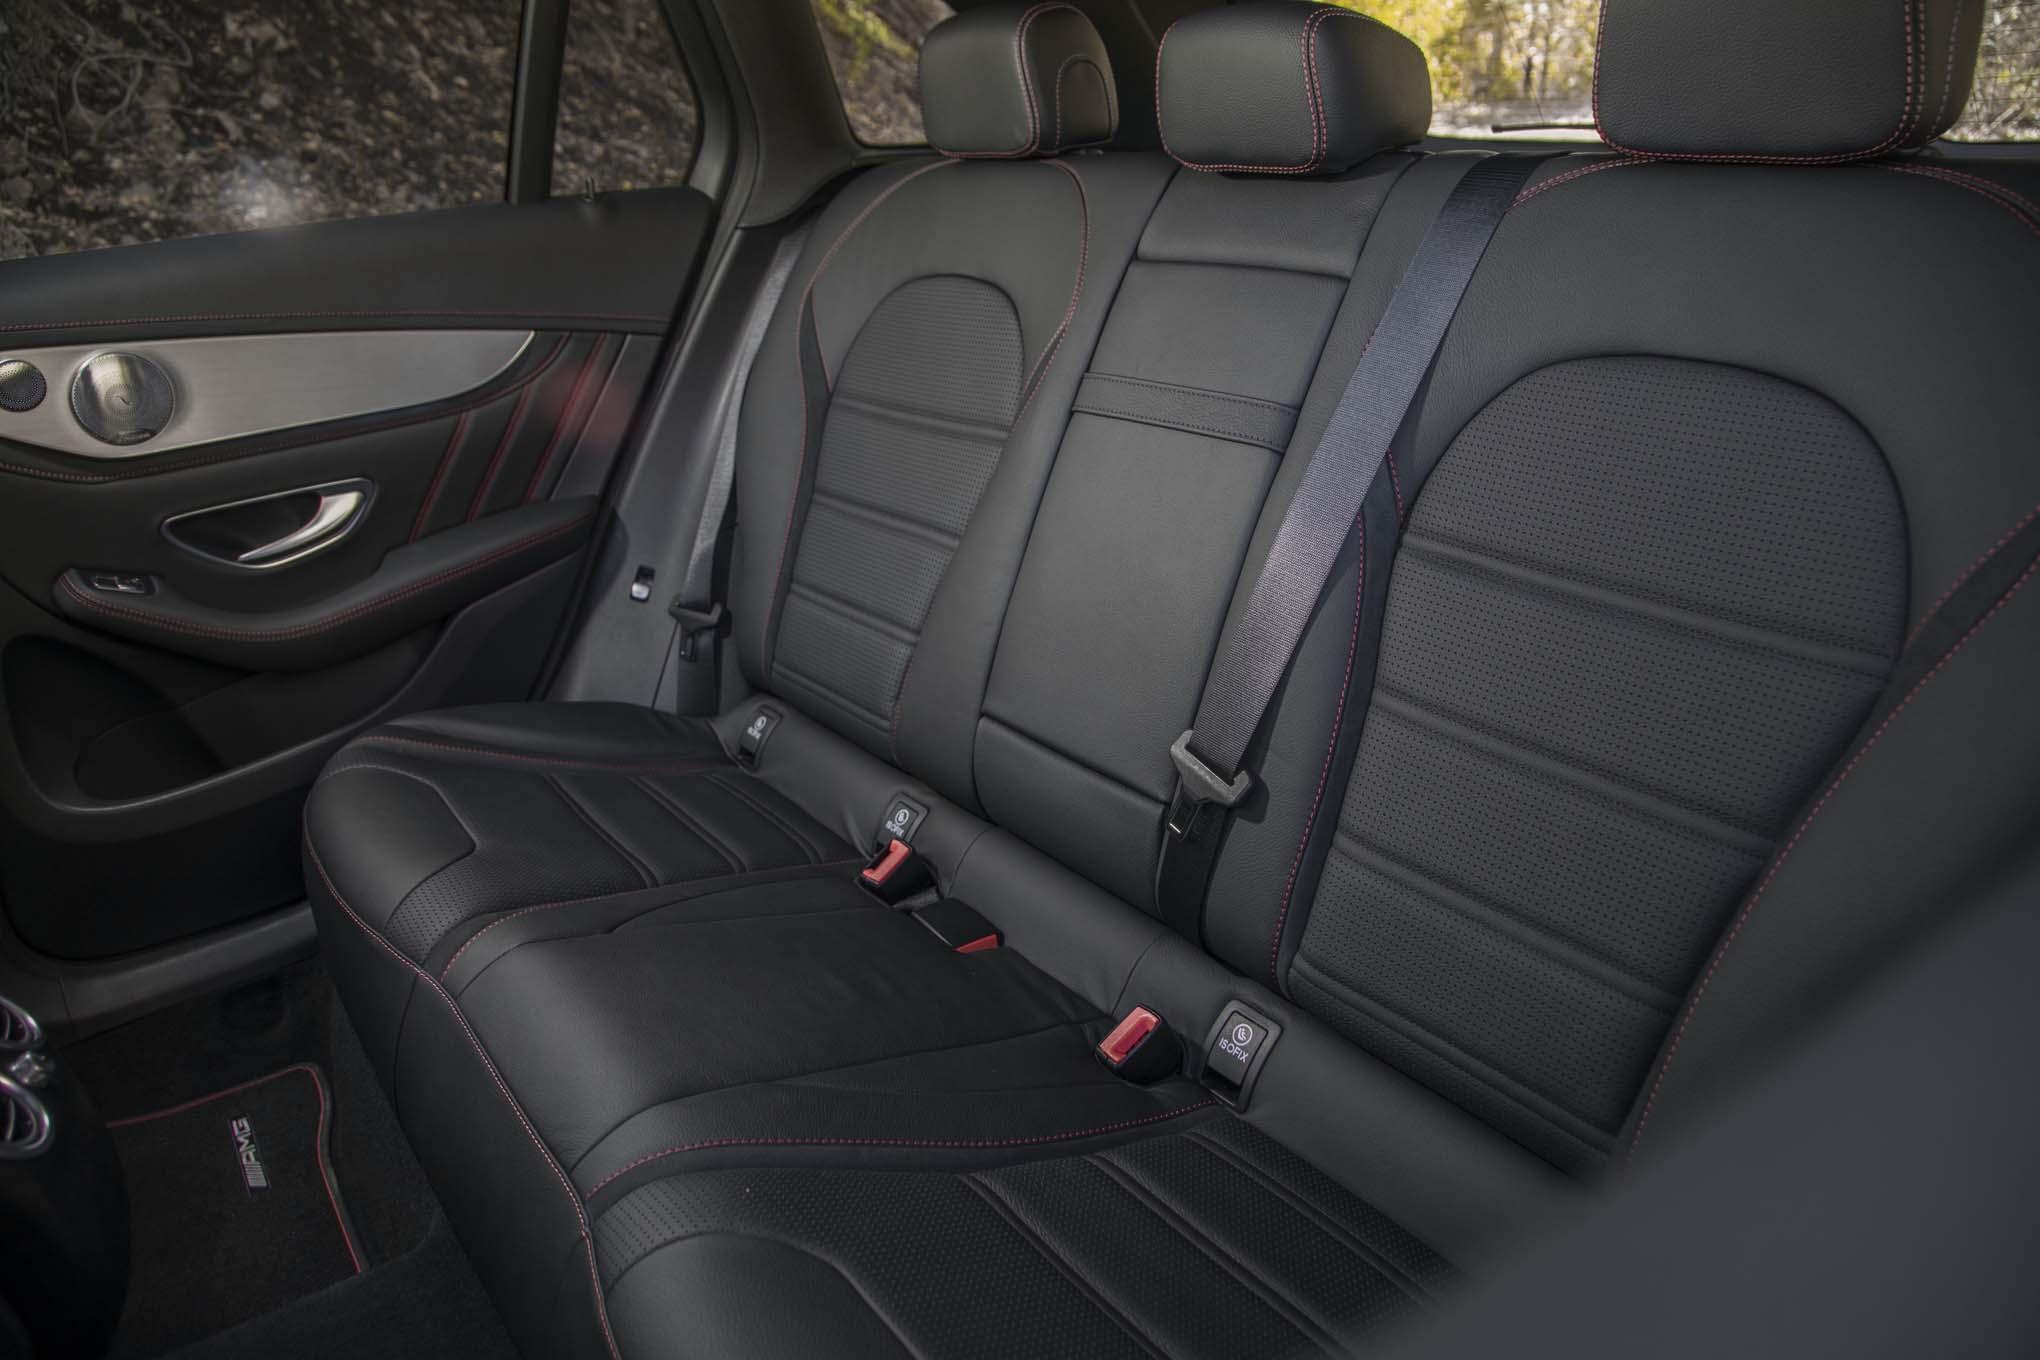 2017 Mercedes-AMG GLC43 Packs 362 Twin-Turbocharged ...